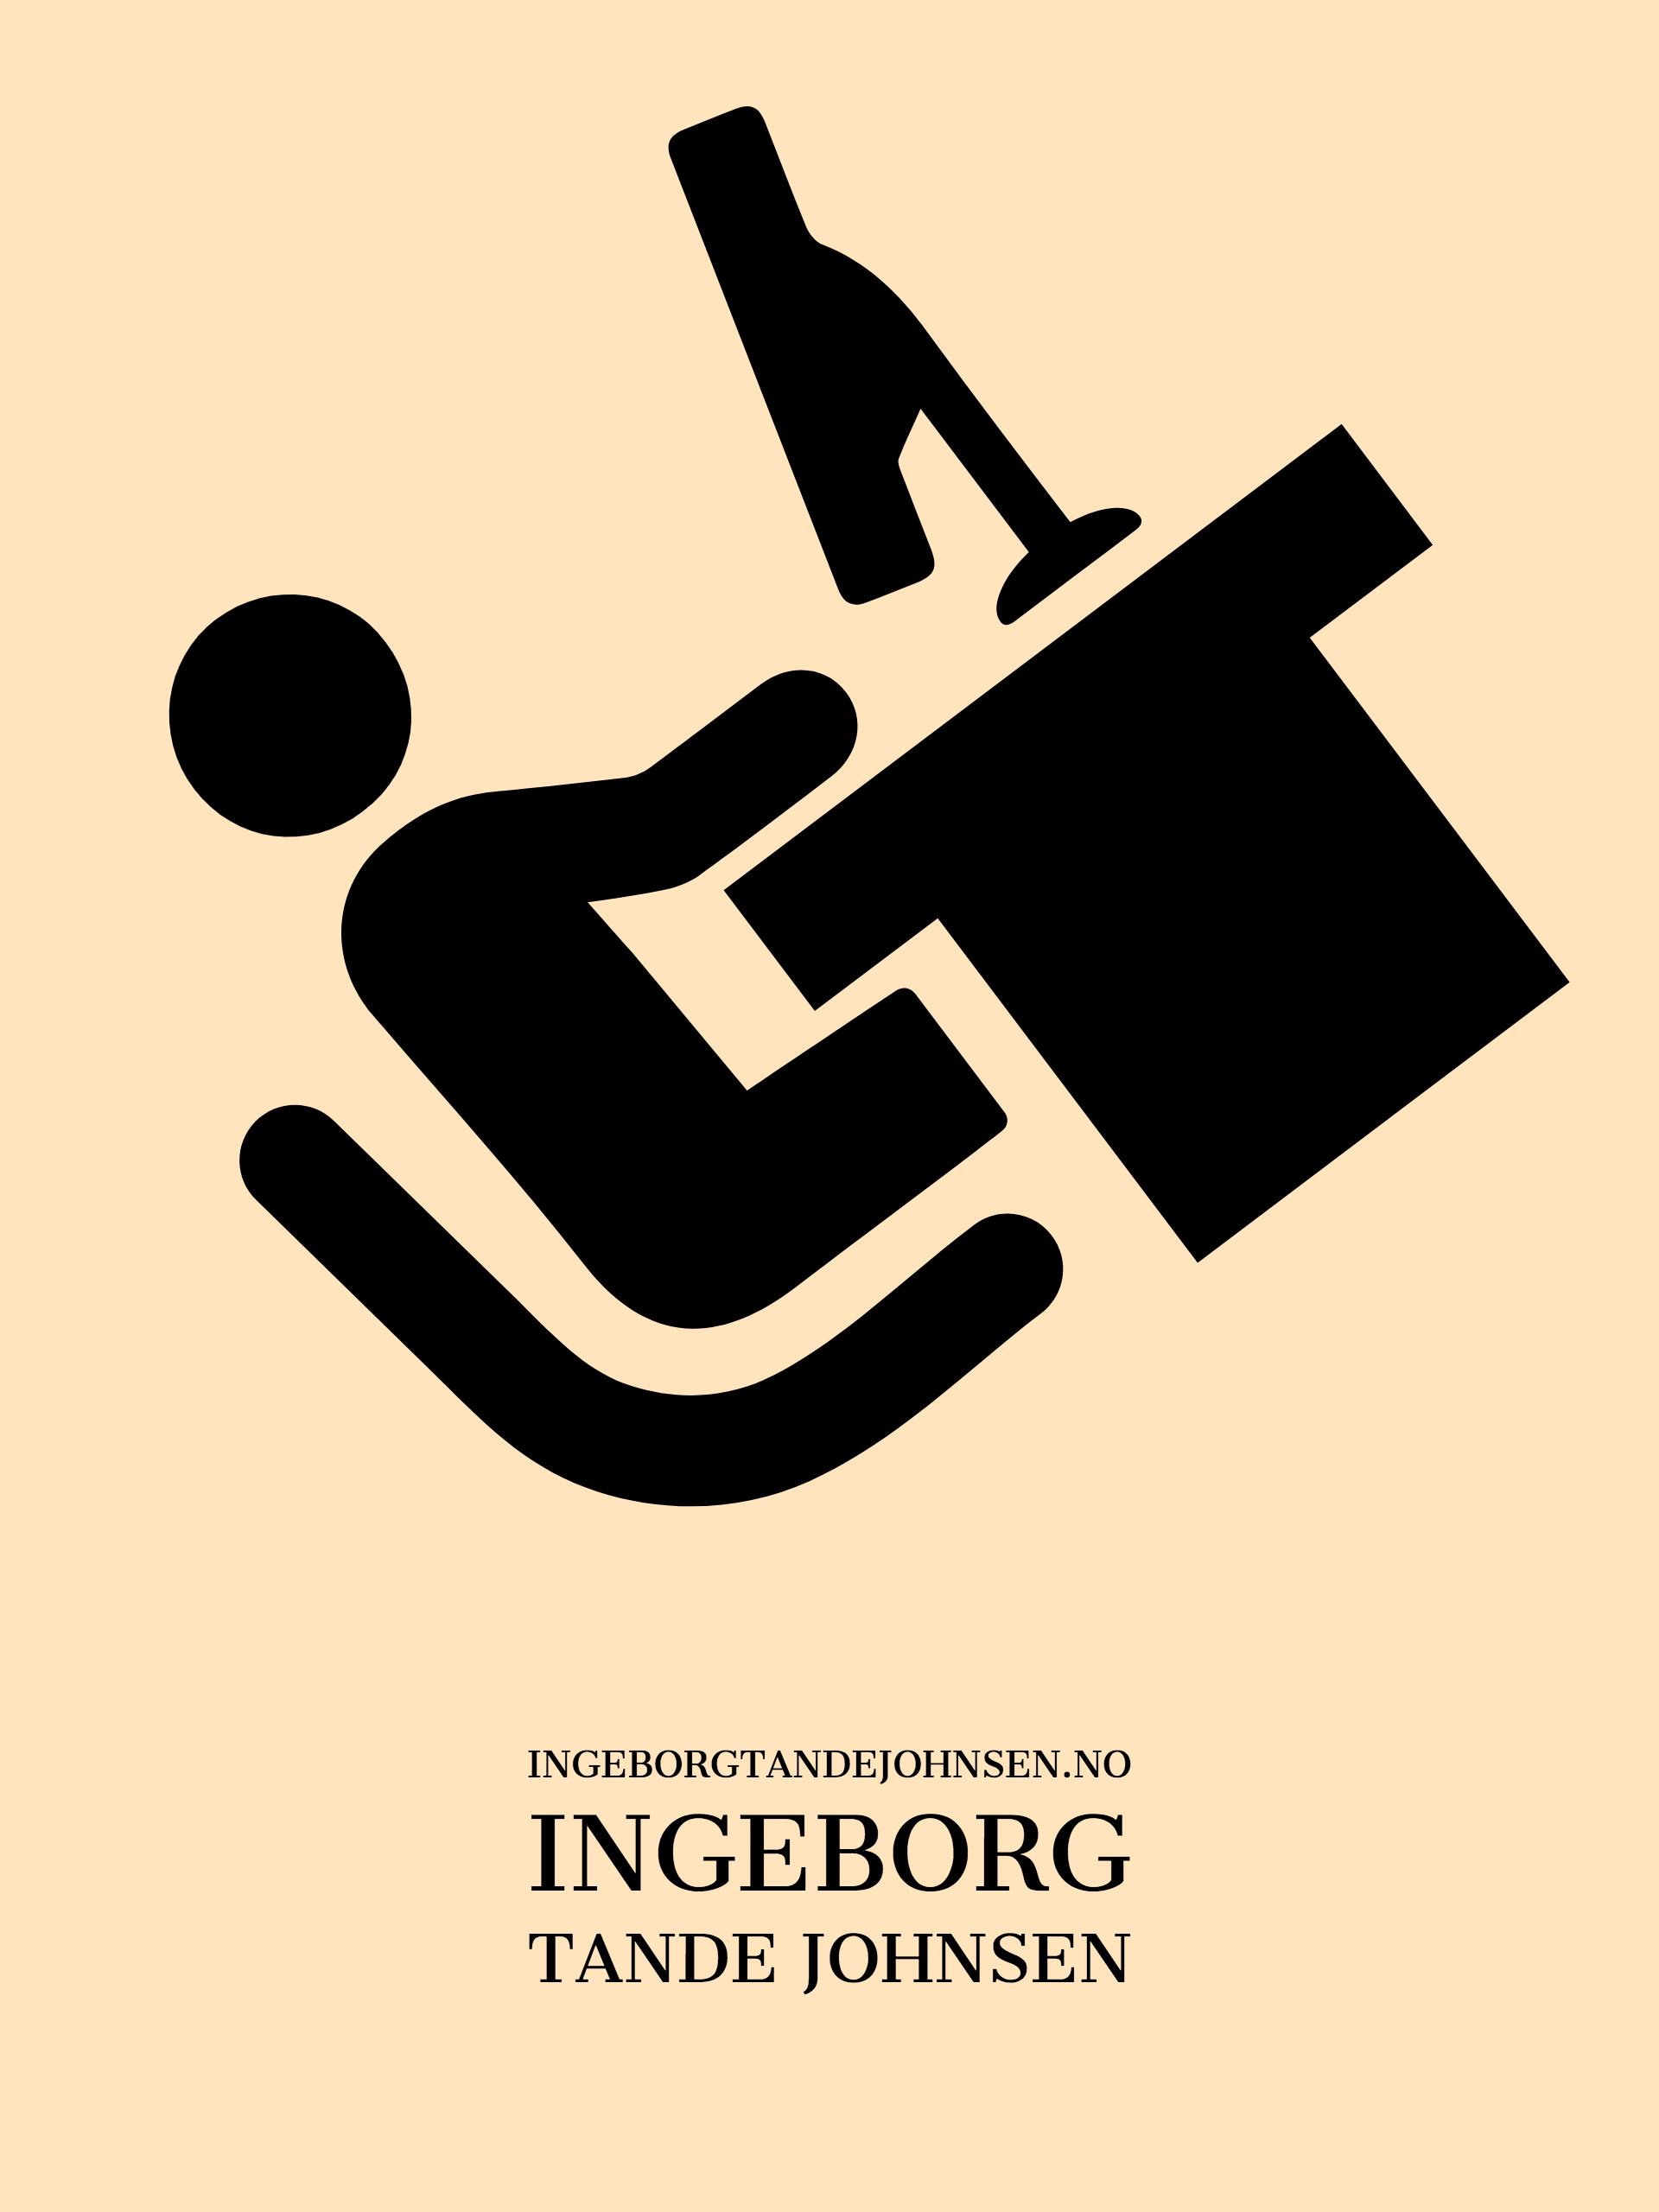 Ingeborg brand